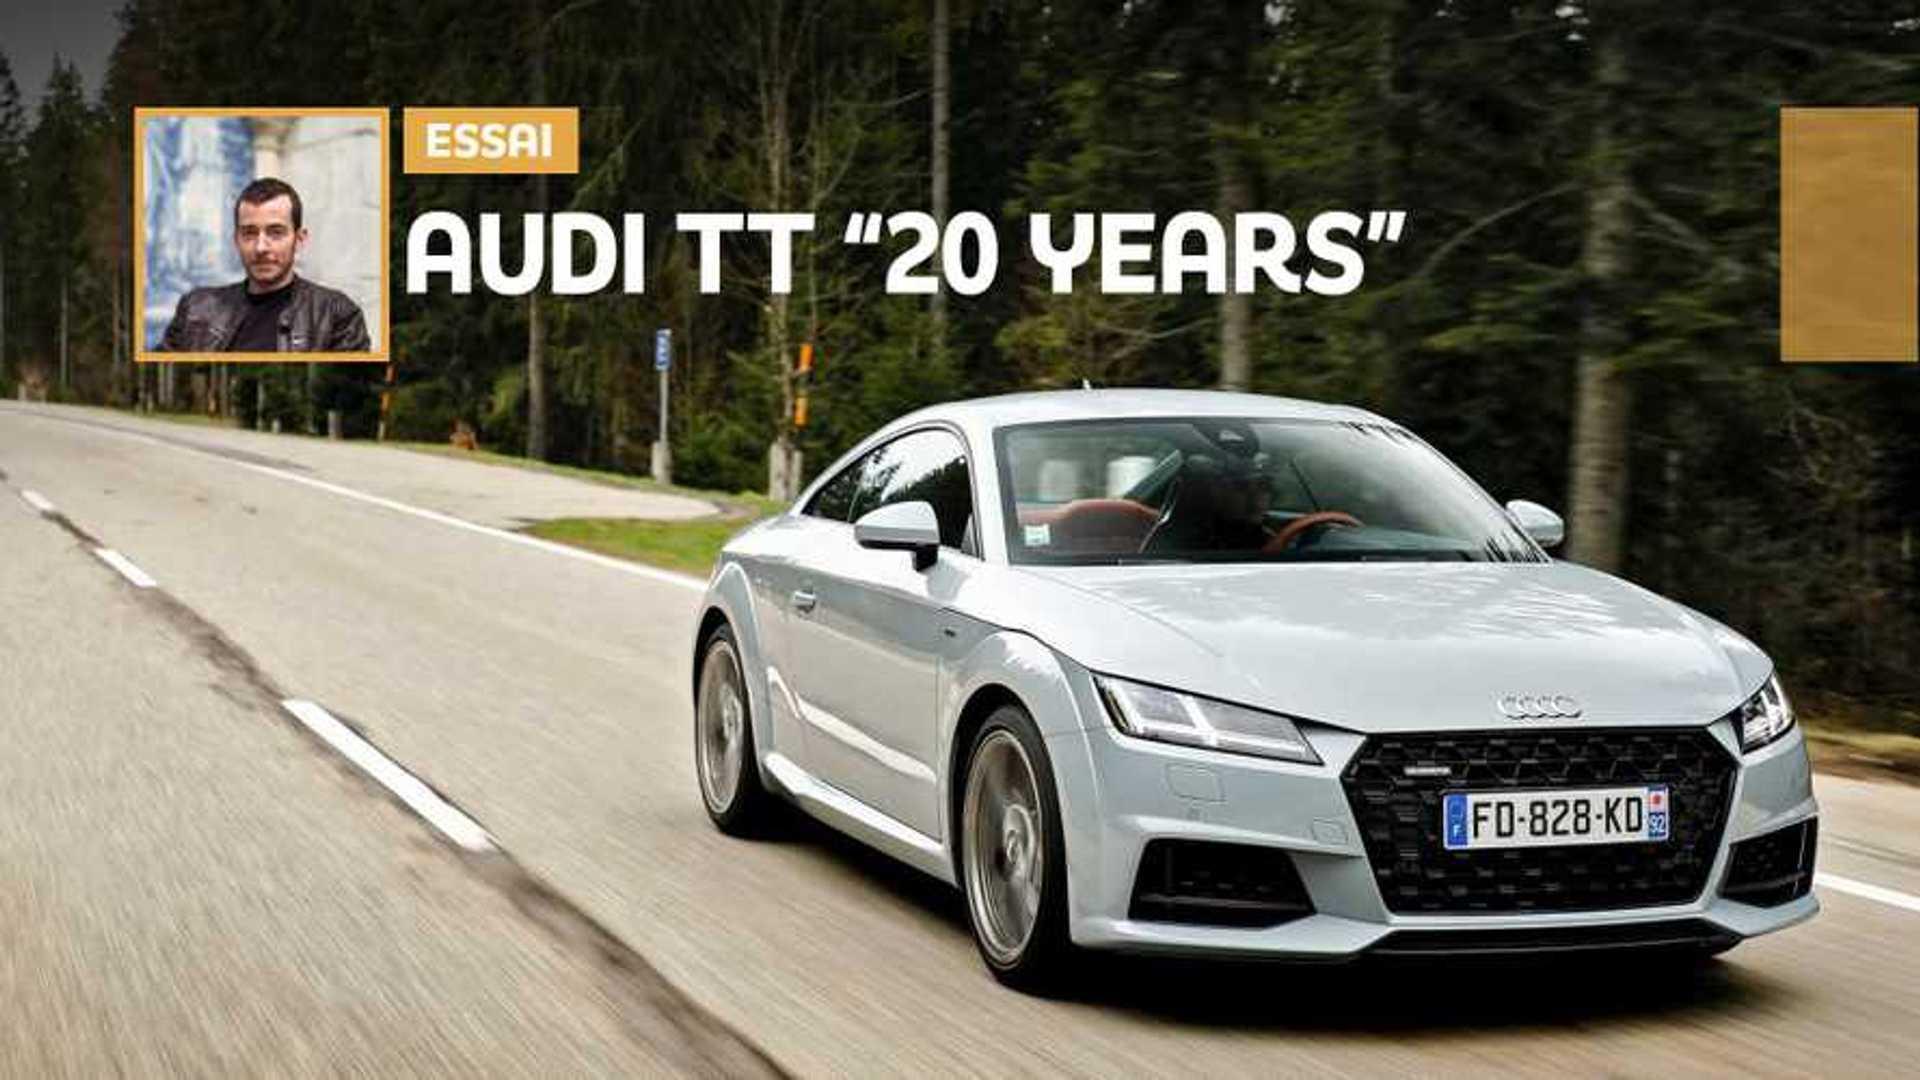 Audi Tt Memes